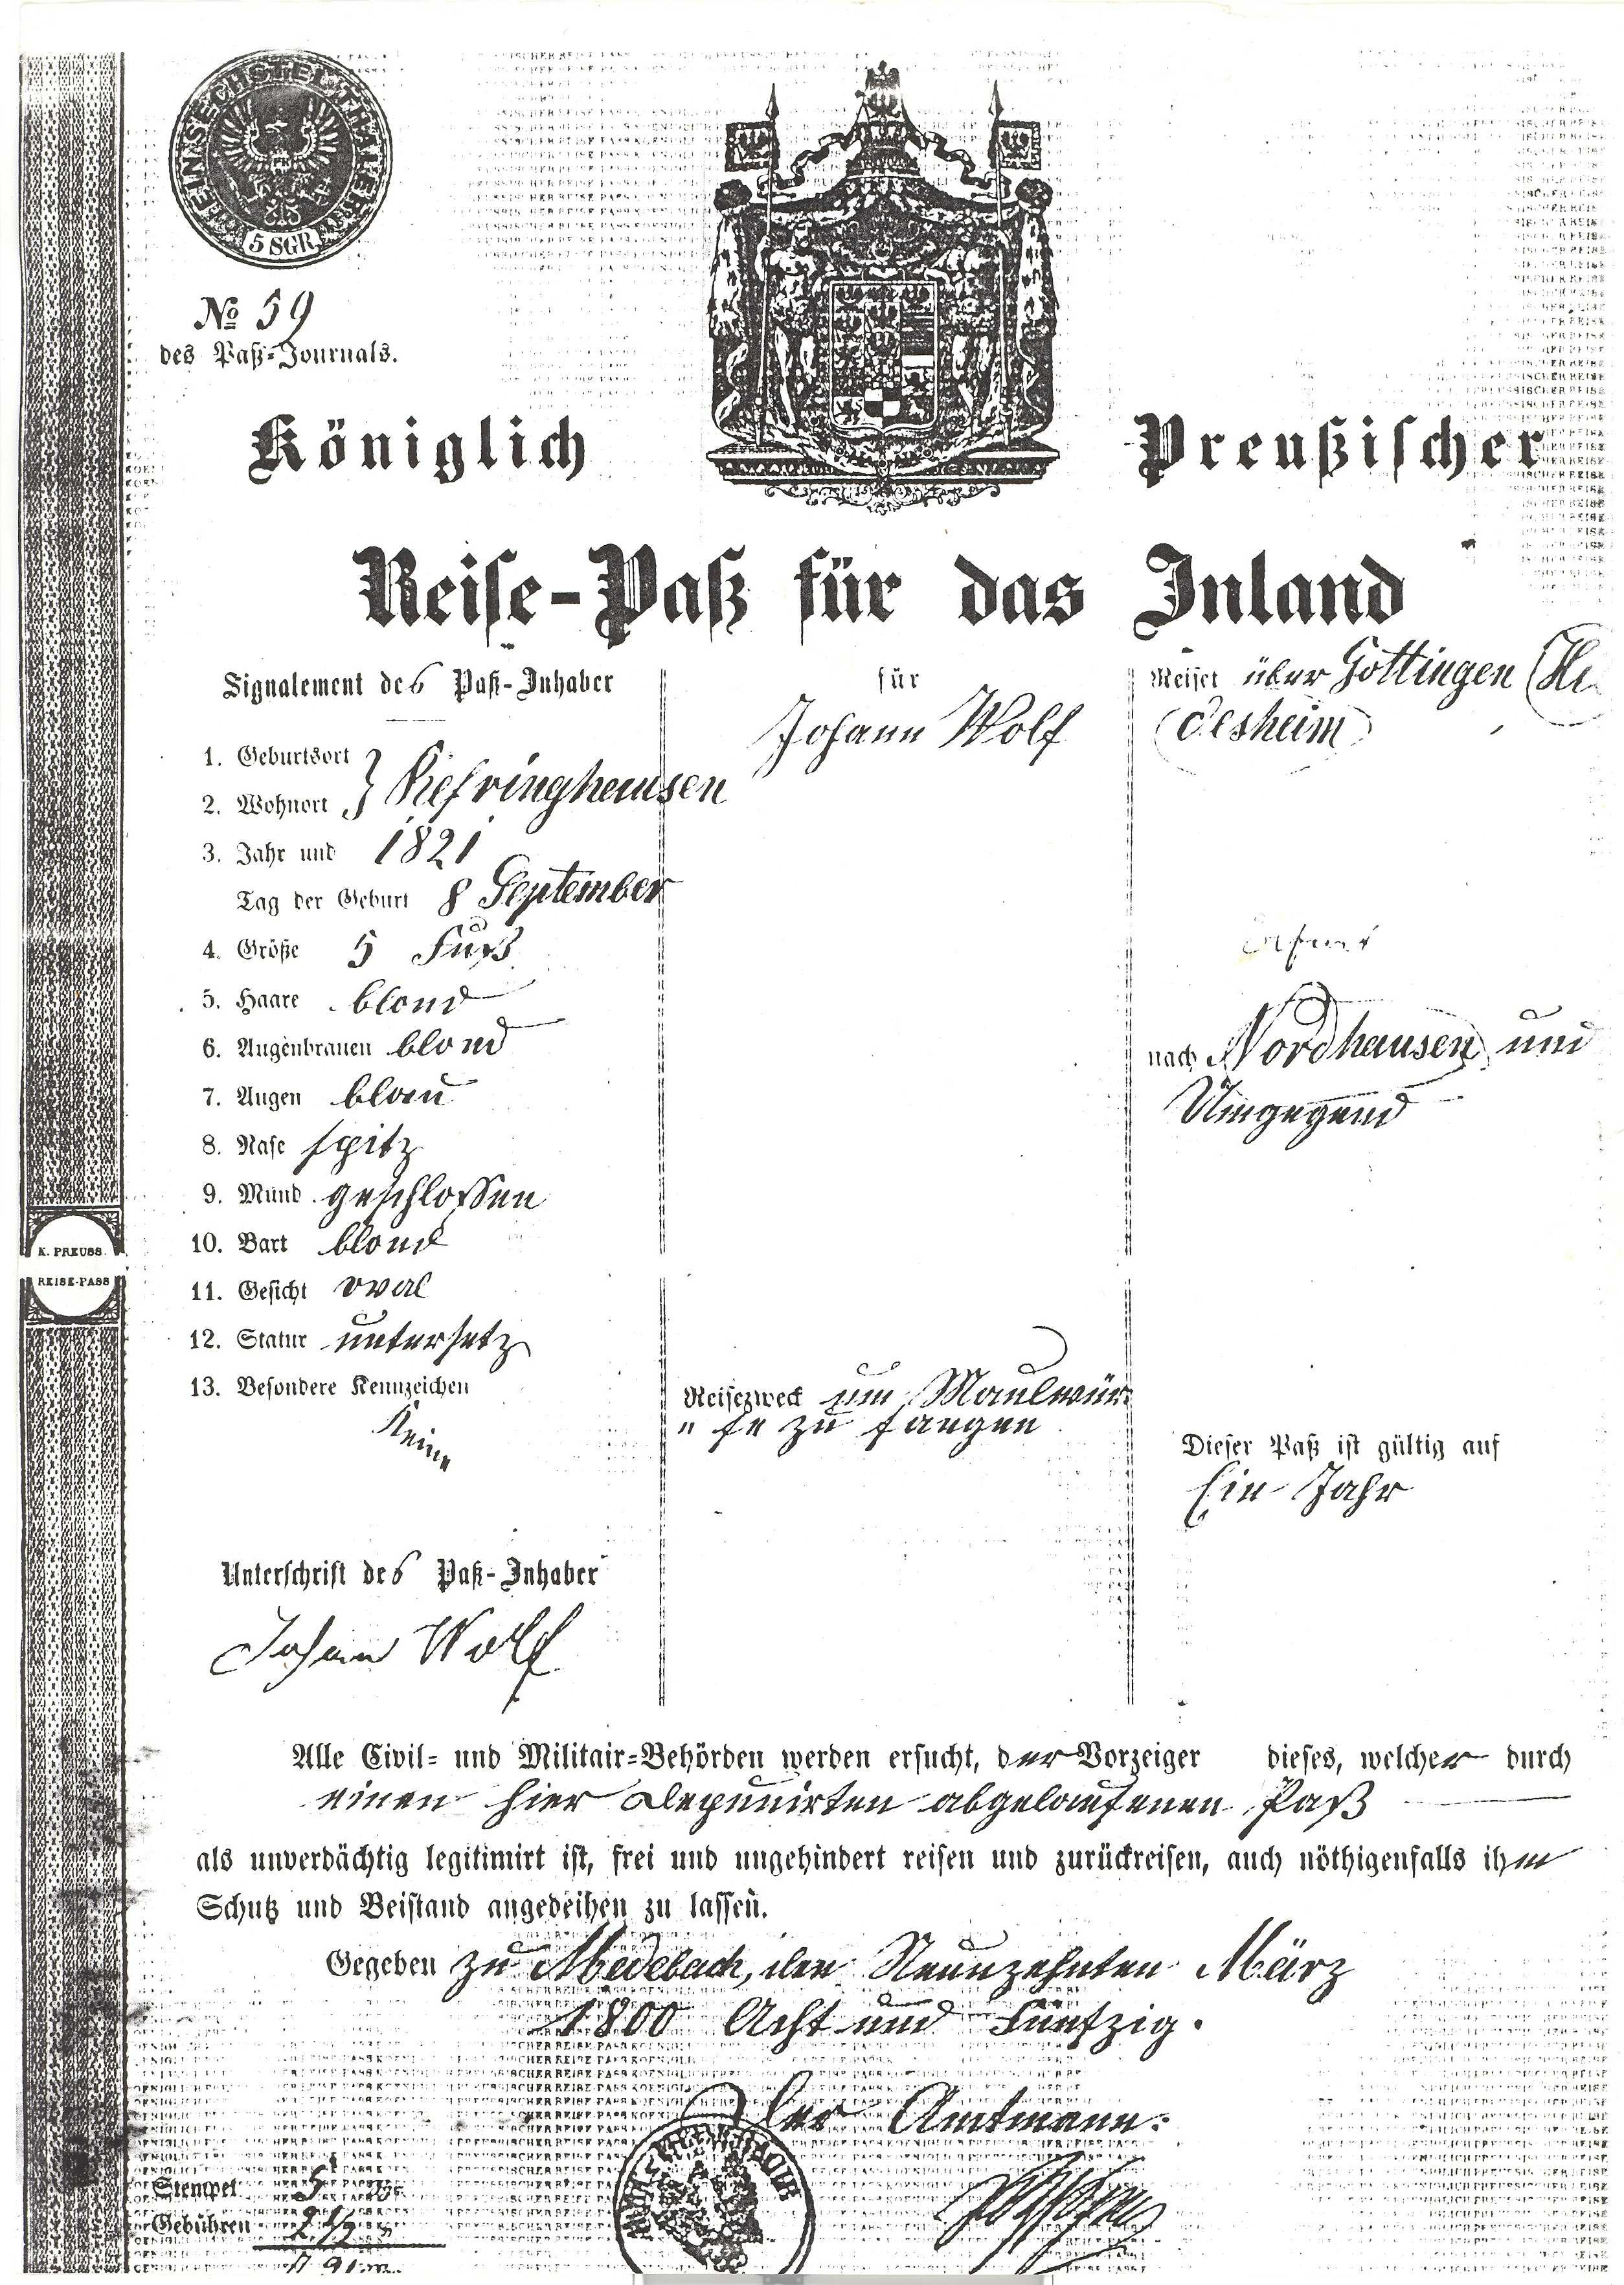 Reisepass von 1850